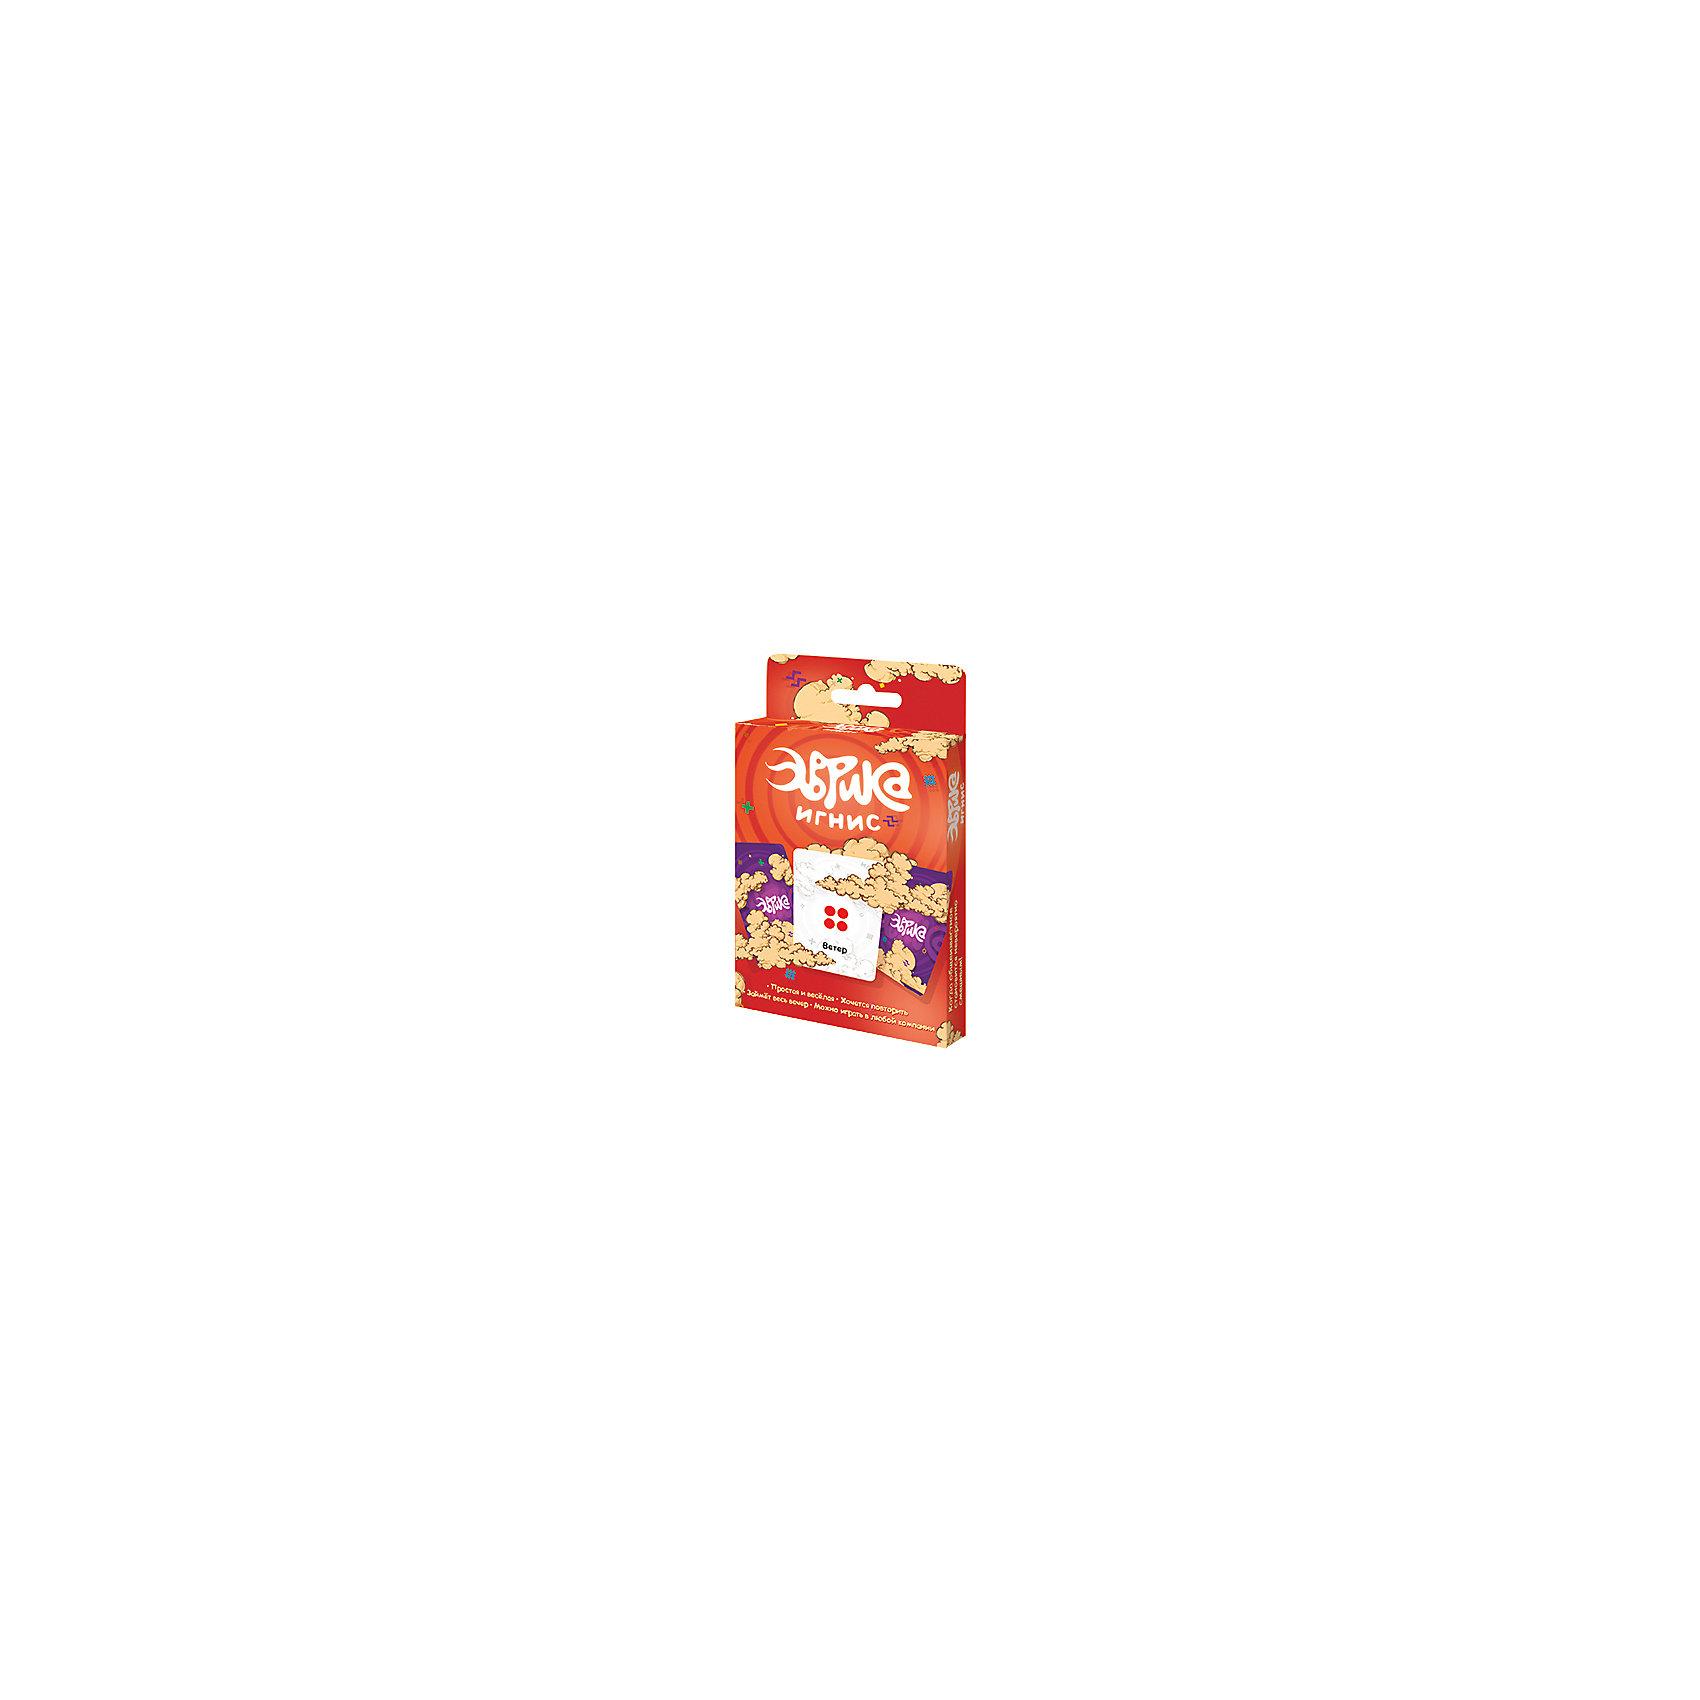 Настольная игра Эврика Игнис, МагелланНастольные игры для всей семьи<br>Характеристики:<br><br>• возраст: от 6 лет<br>• комплектация: 92 игровые карты; 8 специальных карт; правила.<br>• материал: картон<br>• количество игроков: от 3 до 6 человек<br>• время игры: 30-45 минут<br>• упаковка: картонная коробка<br>• размер упаковки: 16х9х2 см.<br>• вес: 150 гр.<br><br>Настольная игра «Эврика. Игнис» - это веселая игра для всей семьи, играя в которую можно отлично провести вечер.<br><br>В комплекте вы найдете 92 игровые карты. На всех картах имеются символы (всего их 8) и темы. Игроки по очереди выкладывают перед собой карты, и если у двух игроков совпадают символы на картах, один должен быстрее другого назвать слово, соответствующее вещи или понятию с карты противника. Тот, кто первым назовет слово, забирает карту противника себе. <br><br>Еще может выйти ничья, если вы одновременно назовете подходящие слова под ваши карты, тогда другой игрок должен вынуть карту из закрытой колоды, и вы будете наперегонки придумывать слово к ней. Бывает, что игрок называет слово первым, но оно не подходит, тогда общим советом игроков решается, можно ли назвать его победителем. В наборе есть специальные карты, которые создают неожиданные совпадения.<br><br>В этой игре у вас будет много общения, динамики и азарта. А в конце игры все считают карты, которые получили в поединках от поверженных противников. У кого больше - тот победил.<br><br>Настольная игра «Эврика Игнис» — самостоятельная игра серии. Карточки от неё подходят и ко всем другим «Эврикам», если вы захотите смешать наборы.<br><br>Настольную игру Эврика Игнис, Магеллан можно купить в нашем интернет-магазине.<br><br>Ширина мм: 160<br>Глубина мм: 90<br>Высота мм: 20<br>Вес г: 150<br>Возраст от месяцев: 72<br>Возраст до месяцев: 2147483647<br>Пол: Унисекс<br>Возраст: Детский<br>SKU: 7036648